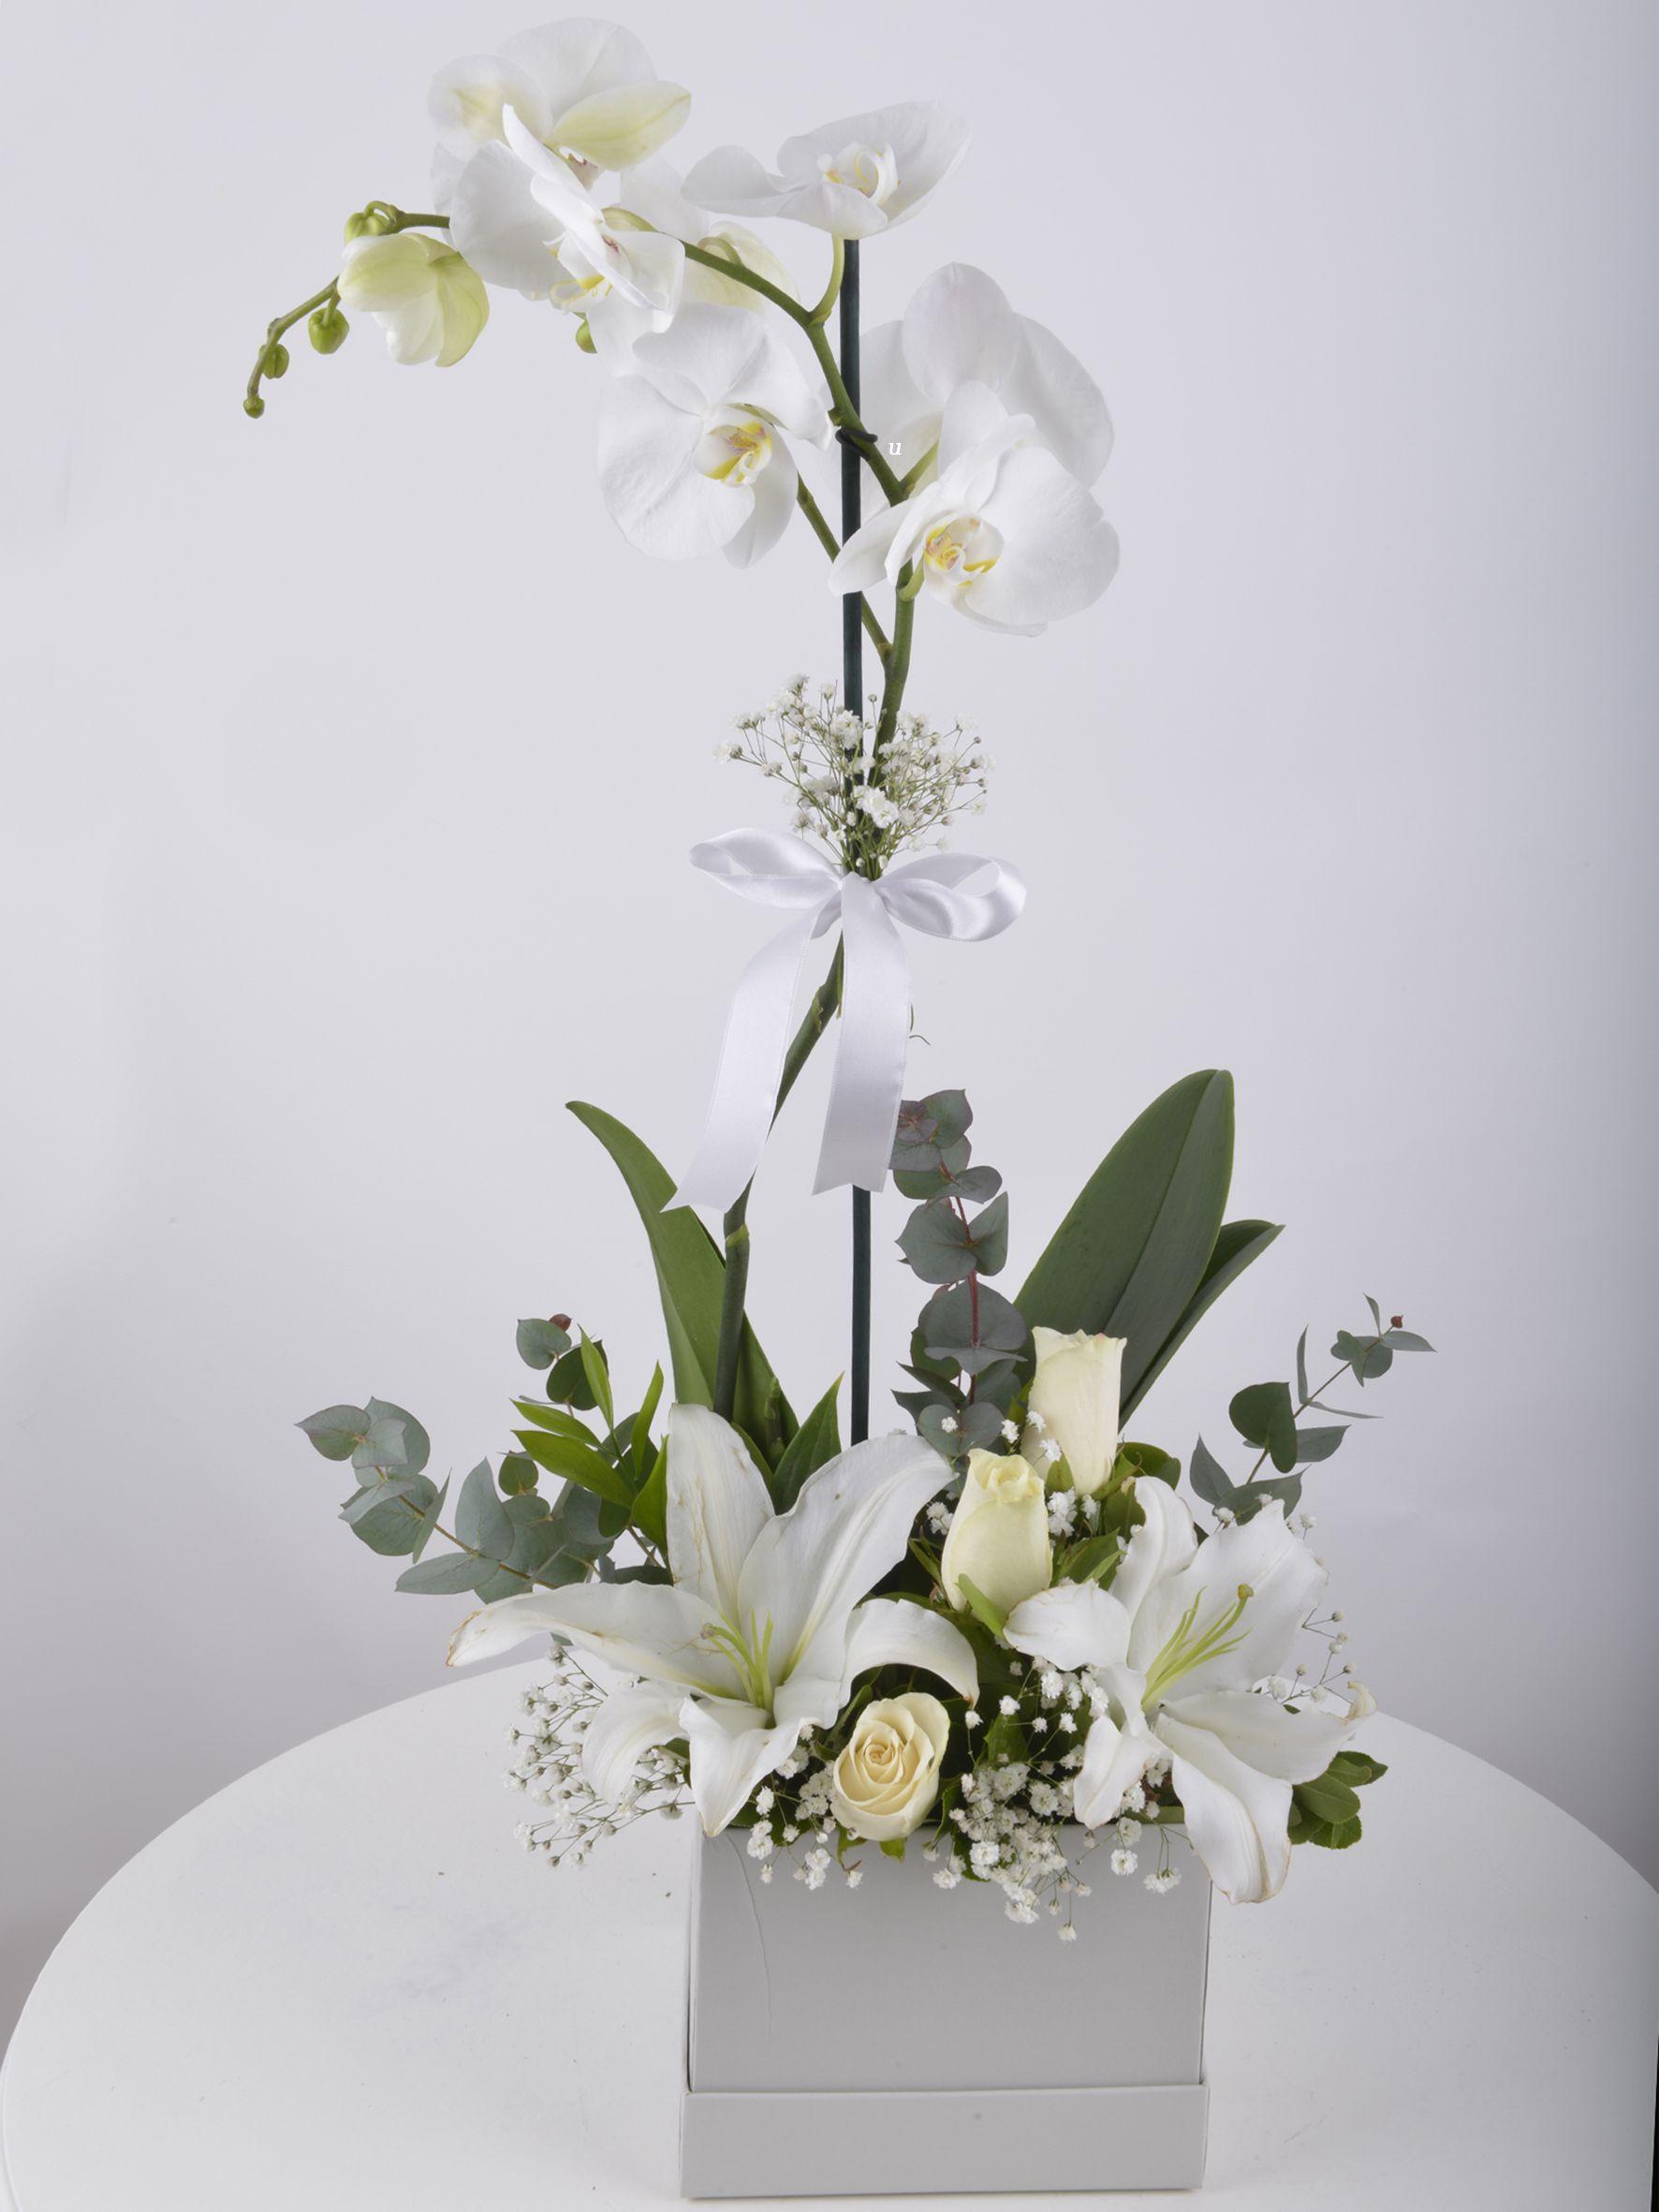 Tek Dallı Beyaz Orkide Çiçeği..  çiçek gönder